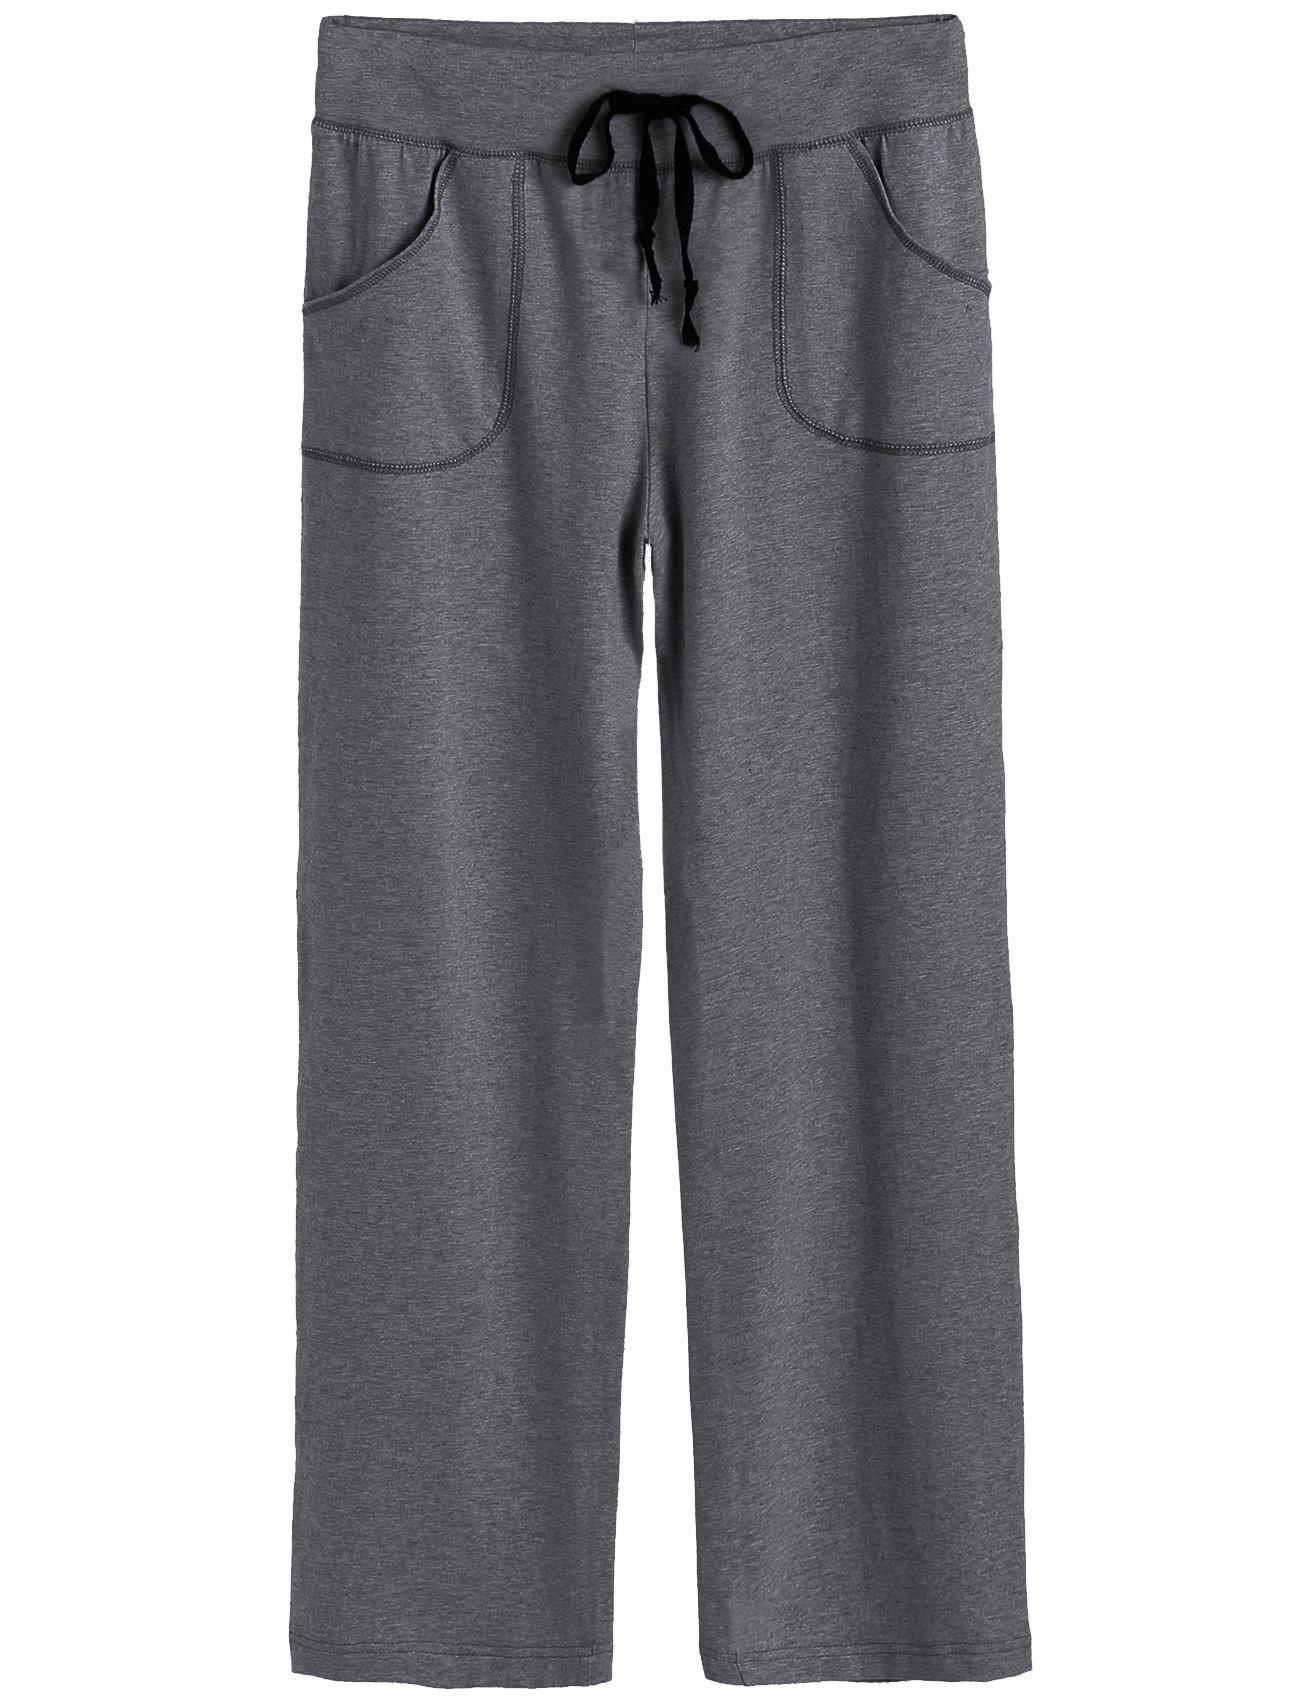 Latuza Women's Cotton Lounge Pants